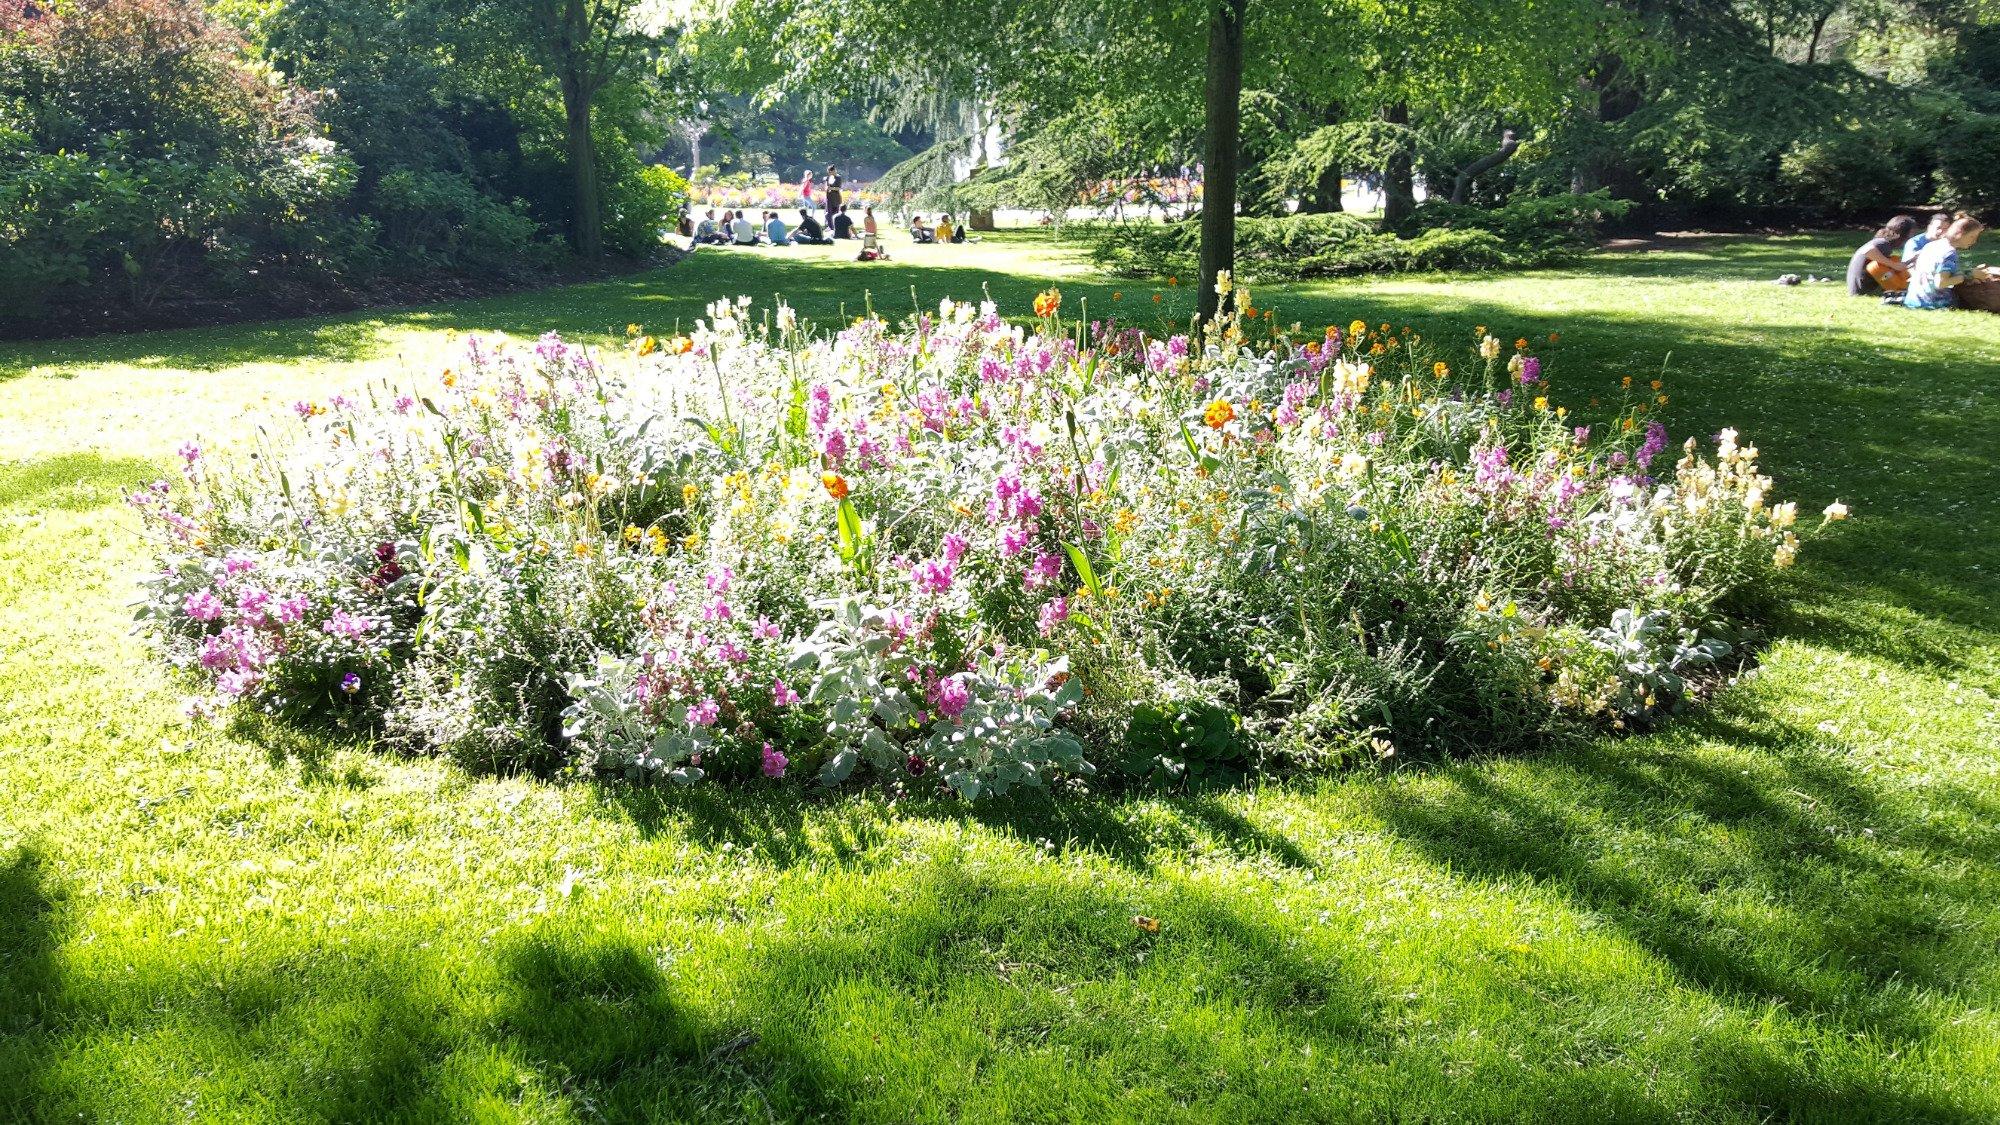 Jardin du grand rond toulouse ce qu 39 il faut savoir tripadvisor for Jardin grand rond toulouse